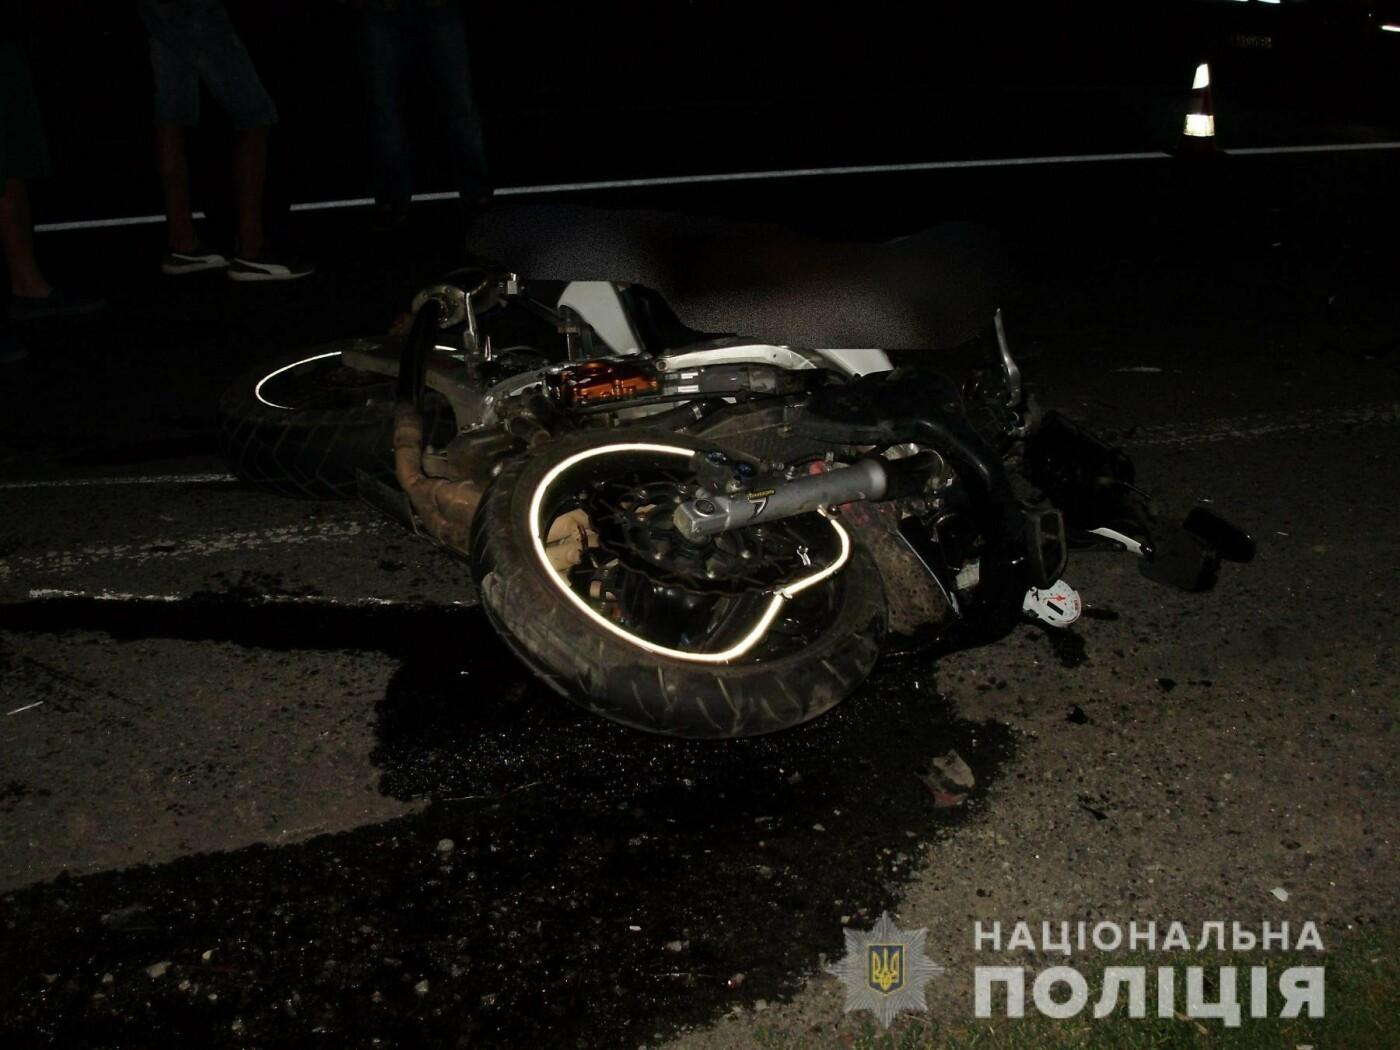 У Ракошино в ДТП загинув 22-річний мотоцикліст: чоловік був без шолому, вдарився головою в зад вантажівки (УСІ ПОДРОБИЦІ, ФОТО), фото-2